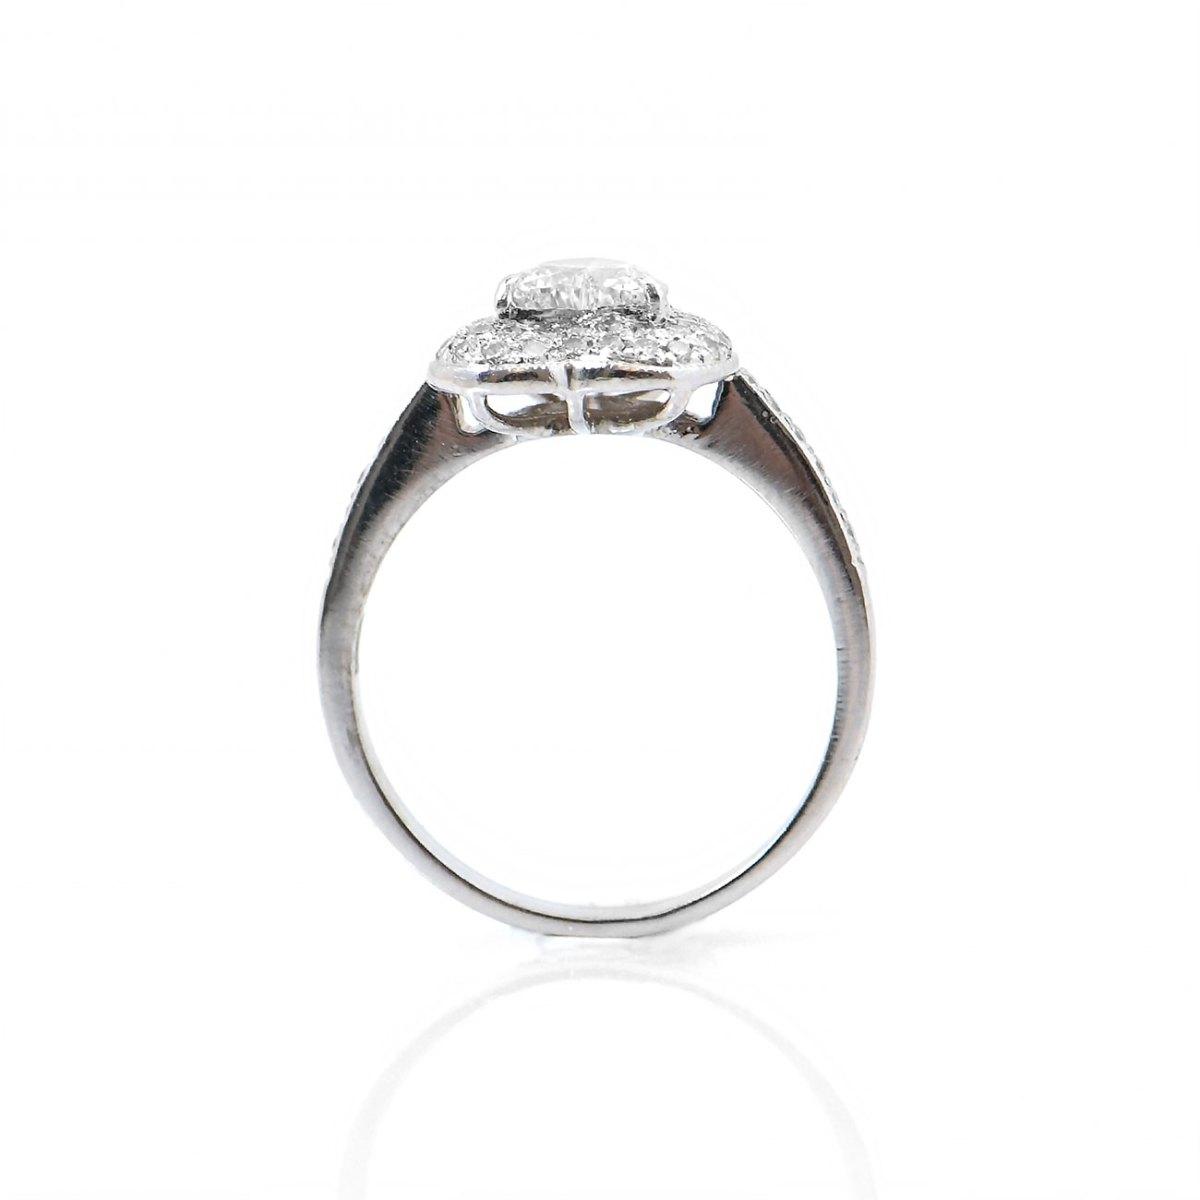 Bague diamant cœur halo, 0,56ct, serti griffes, pavage de diamants 0,55ct sur or blanc 750‰ | Réf. BA-B18302 | EVENOR Joaillerie • Bijoux neufs, bijoux Vintage et bijoux d'occasions